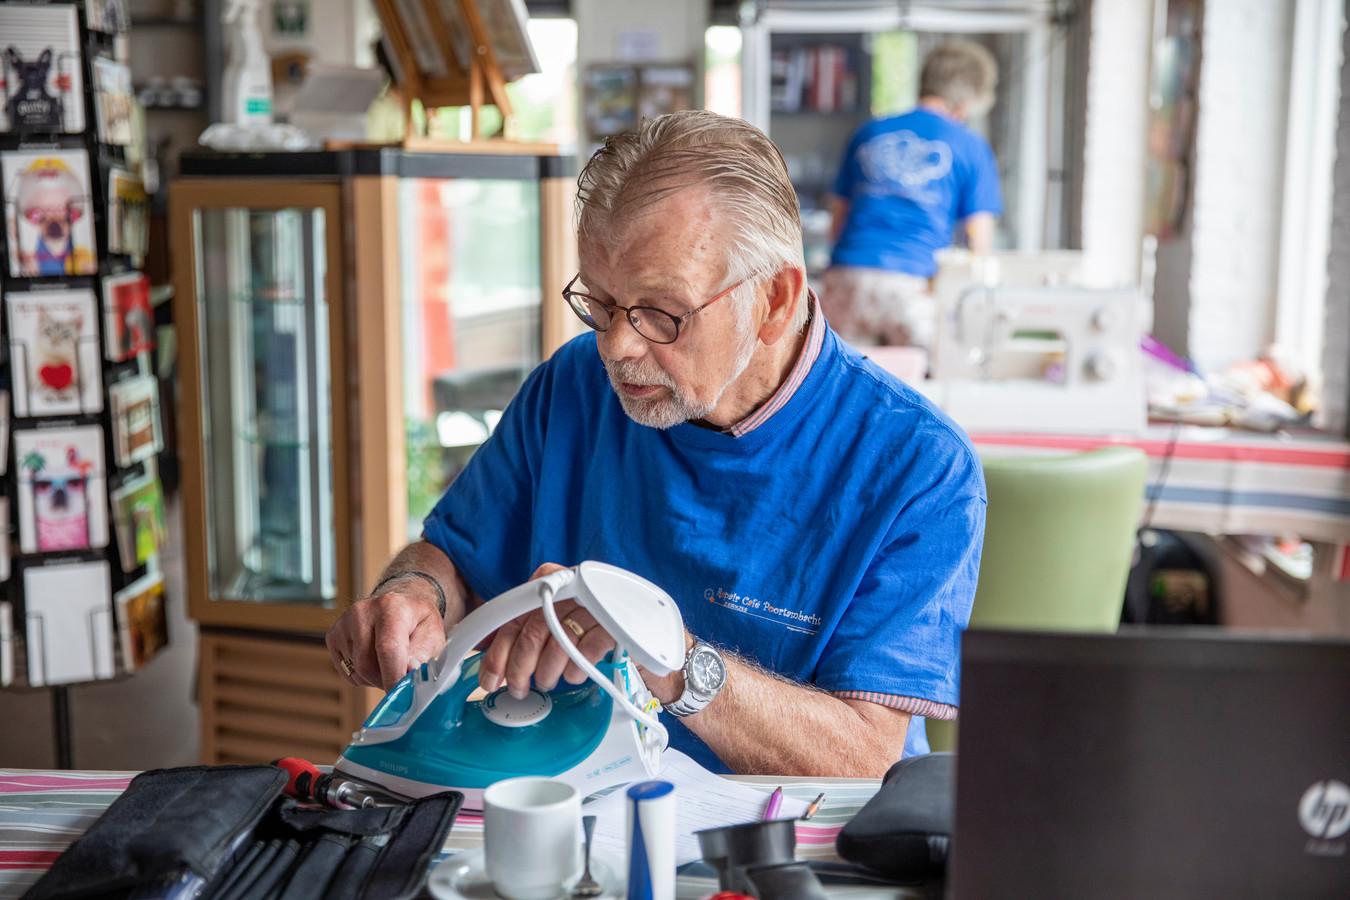 Willem Rapati buigt zich over het strijkijzer van mevrouw Schaap uit Zierikzee.